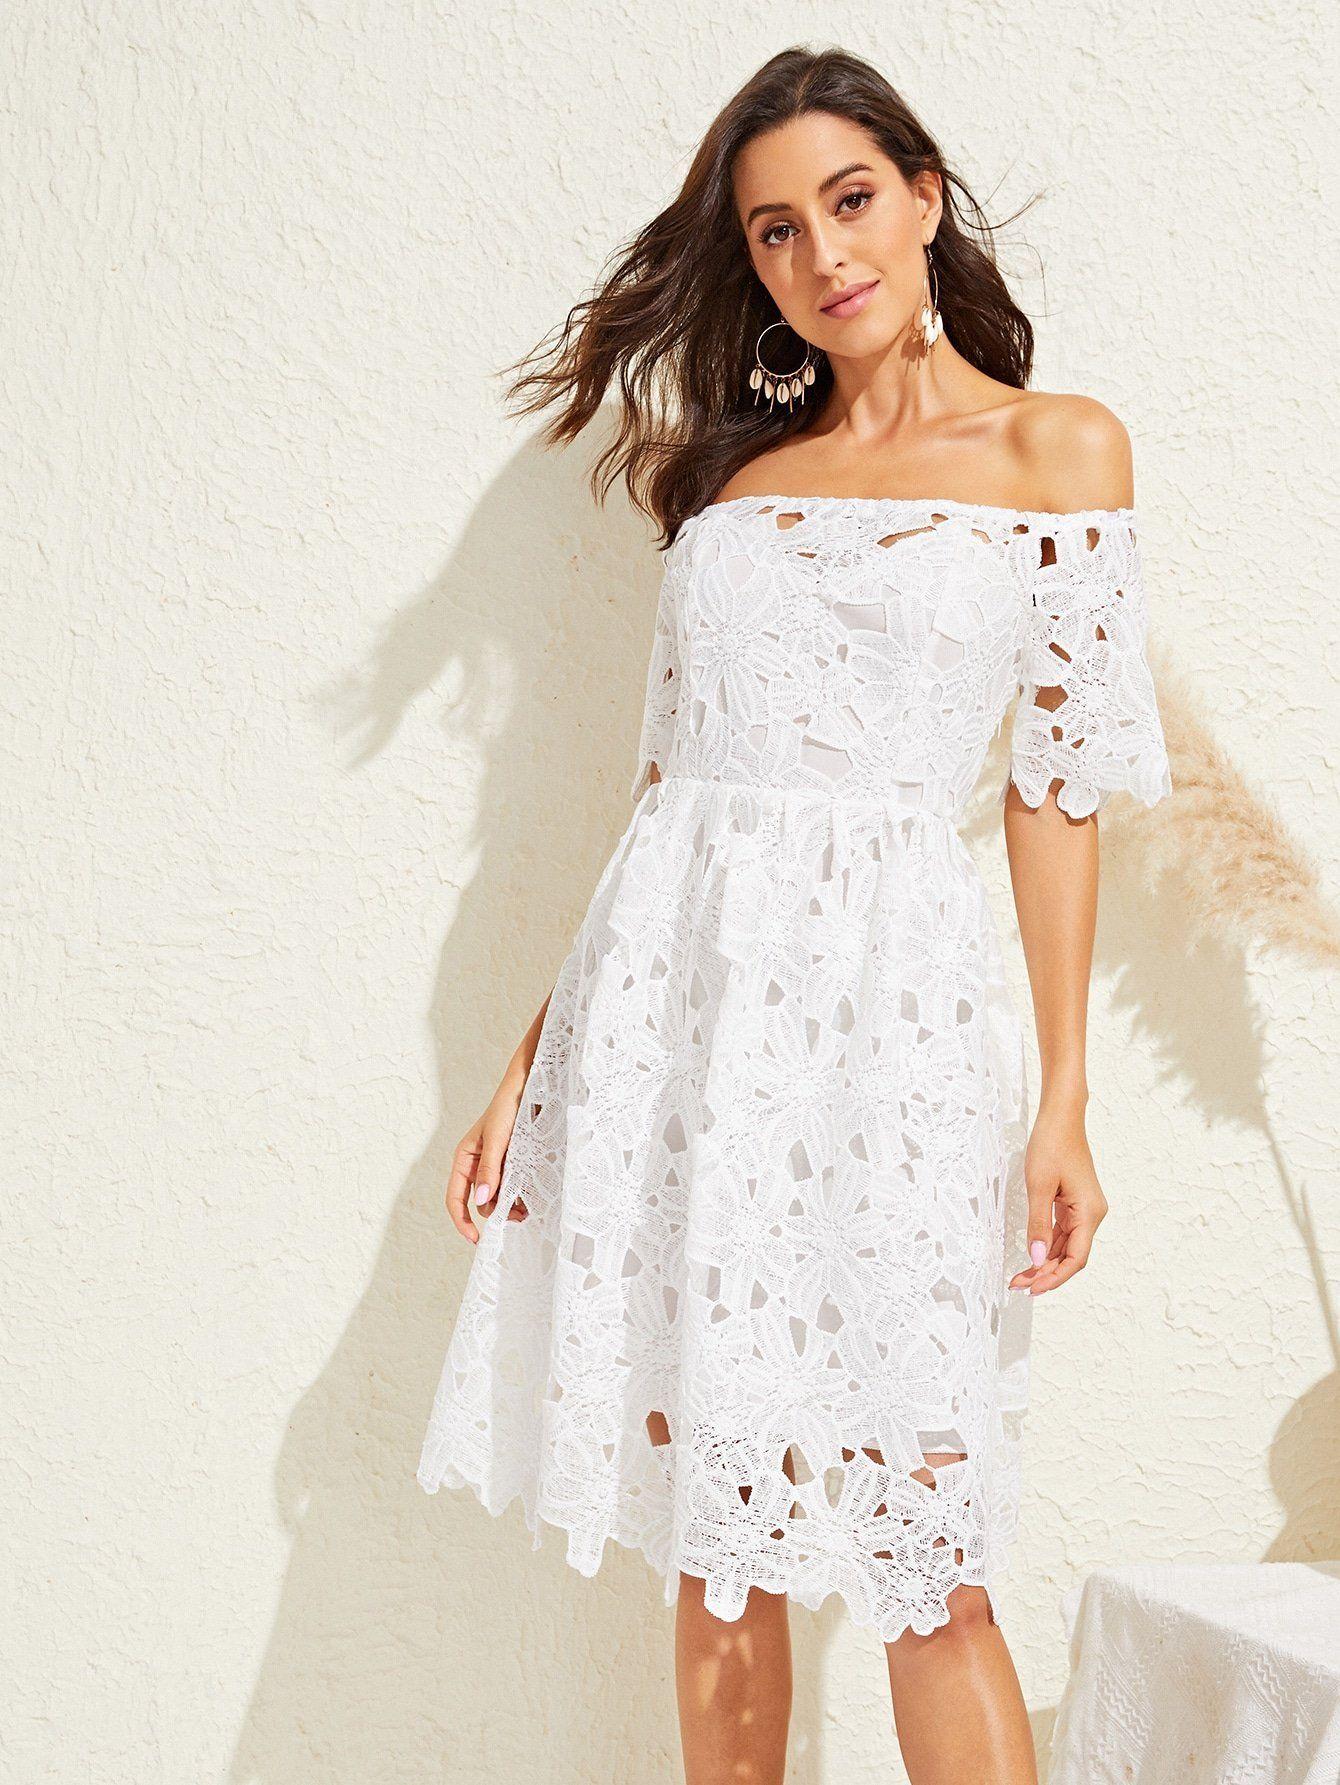 Off Shoulder Guipure Lace Solid Dress Lace Dress Lace Trim Dress Flare Dress